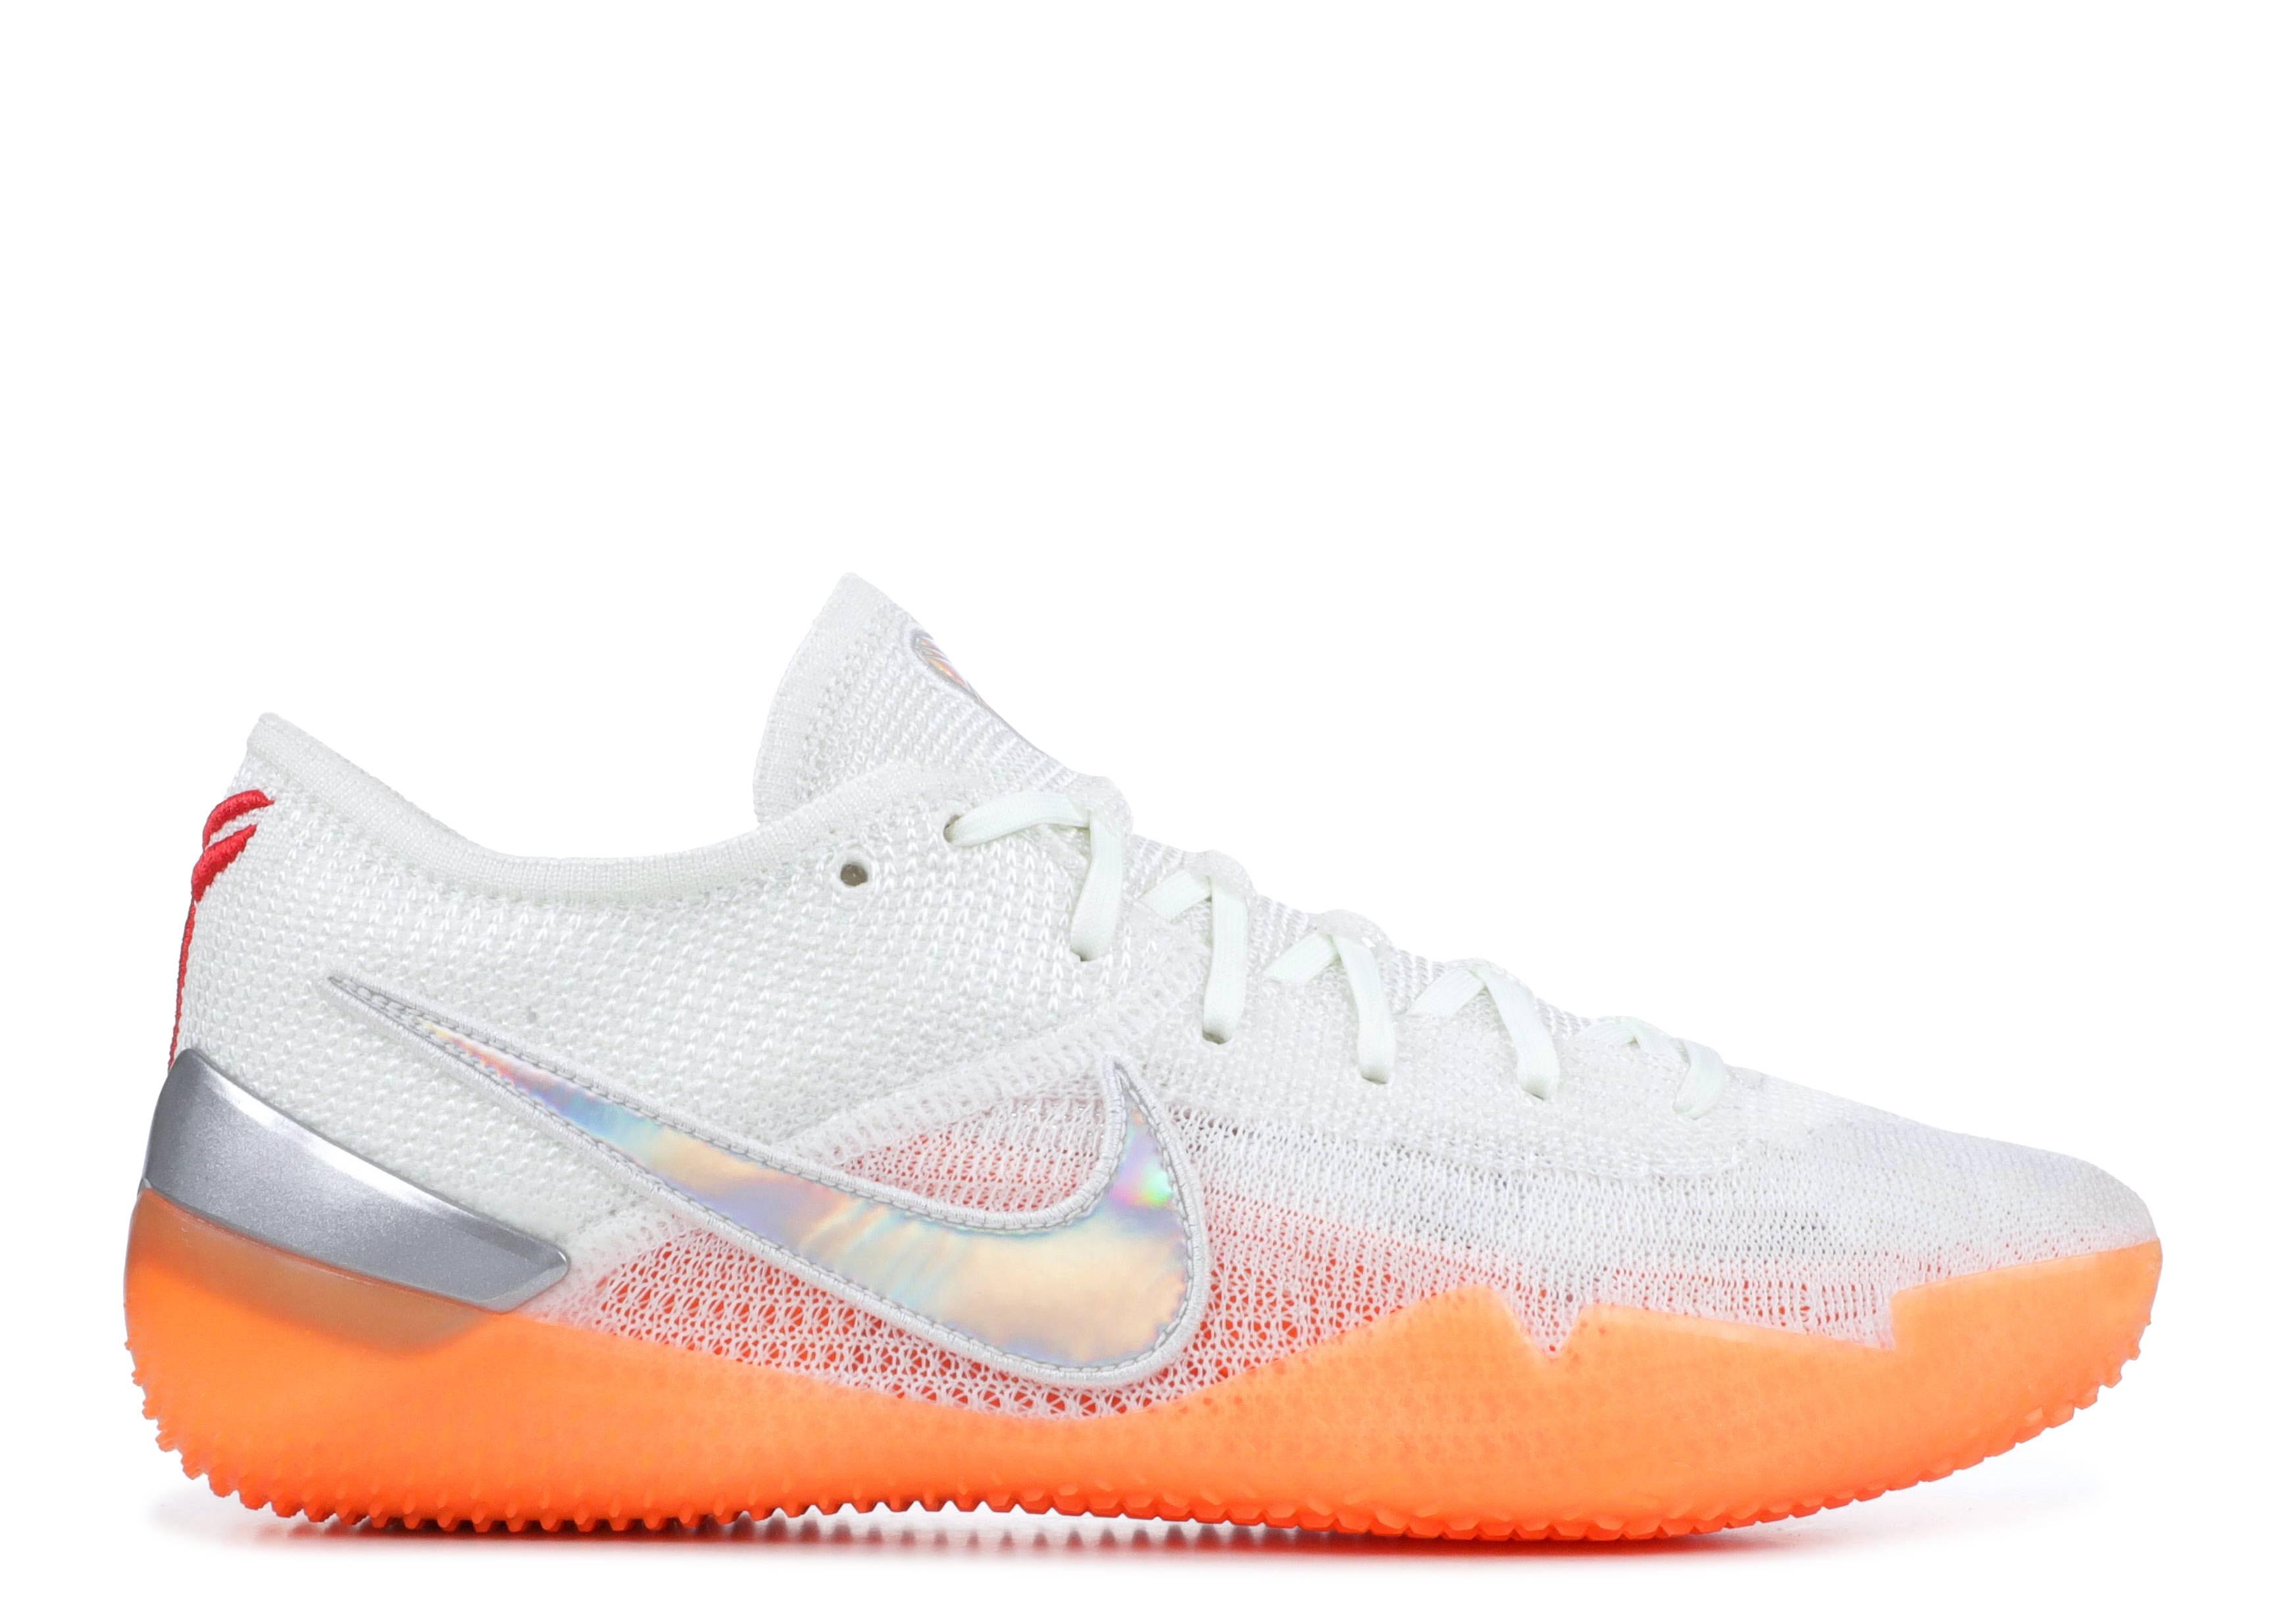 327df7a3da2ff Kobe Ad Nxt 360 - Nike - aq1087 100 - white/multi-color | Flight Club